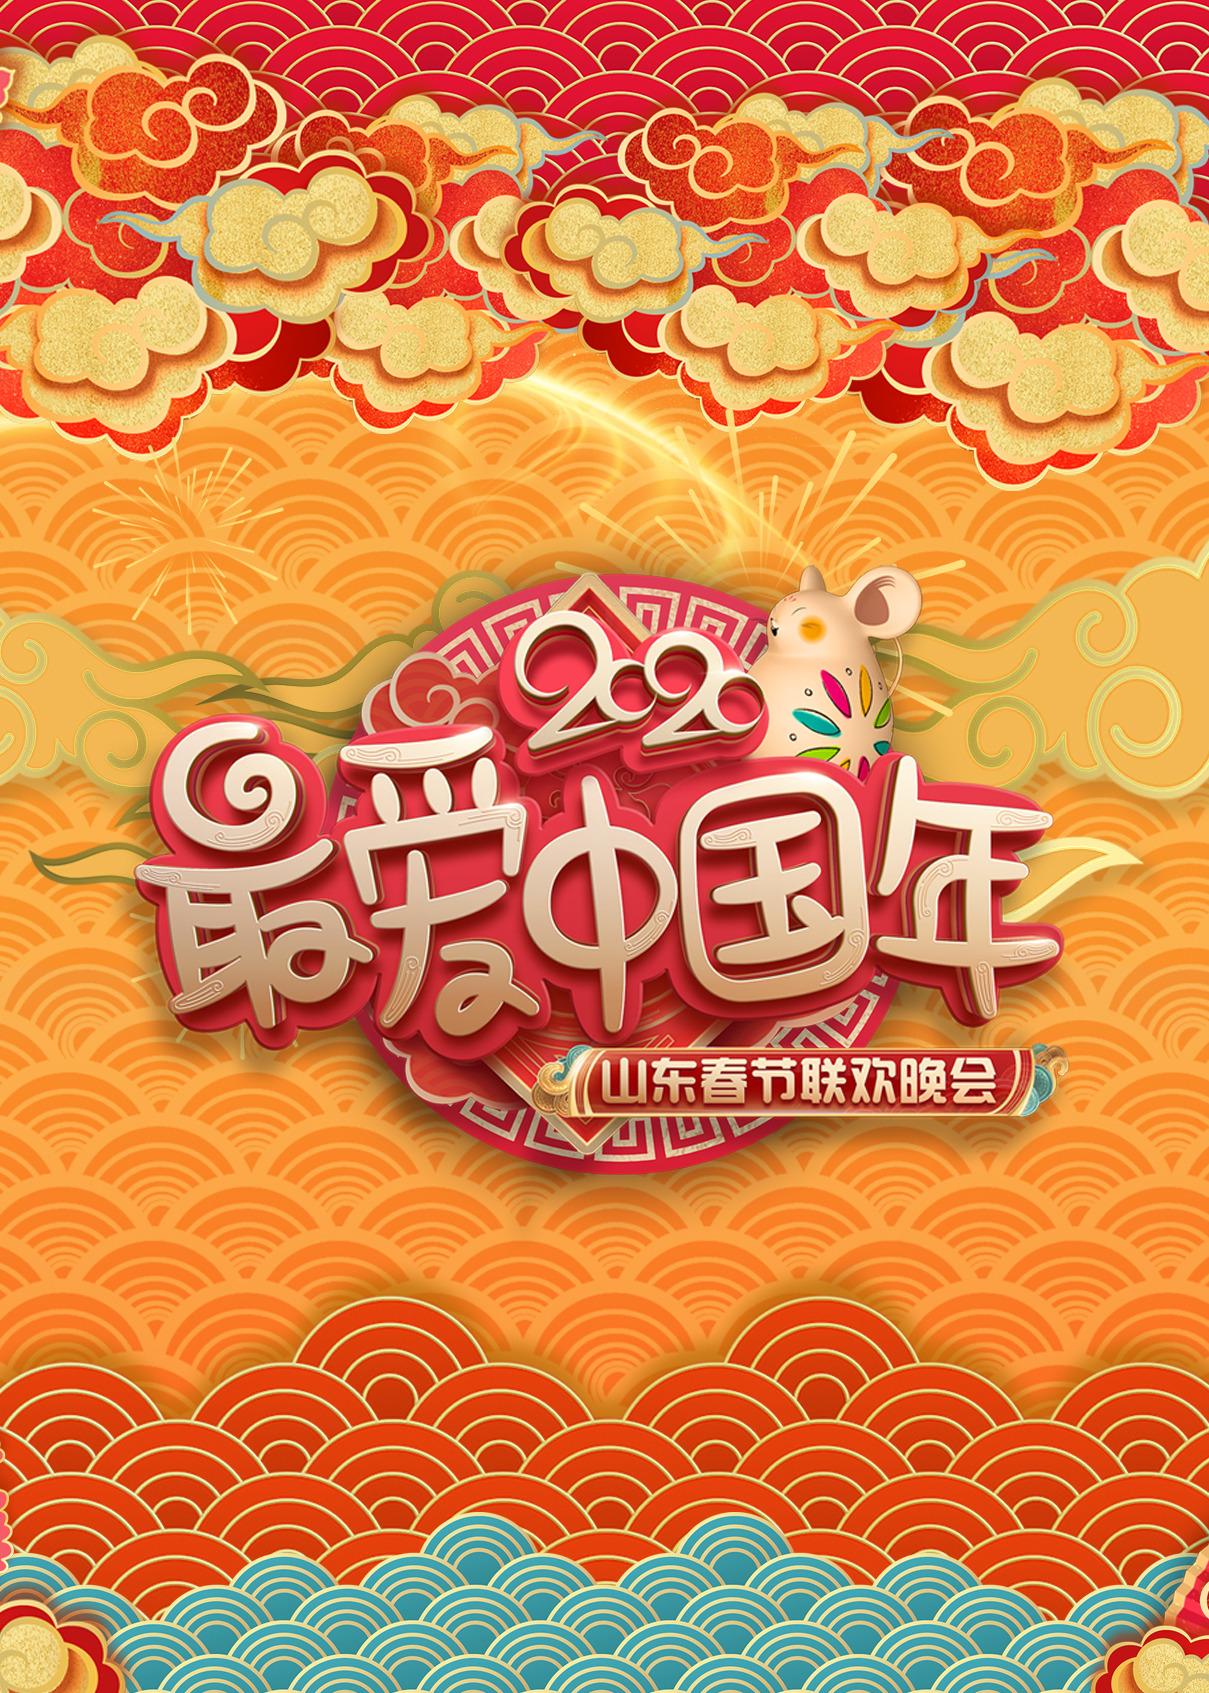 2020年山东卫视春节联欢晚会